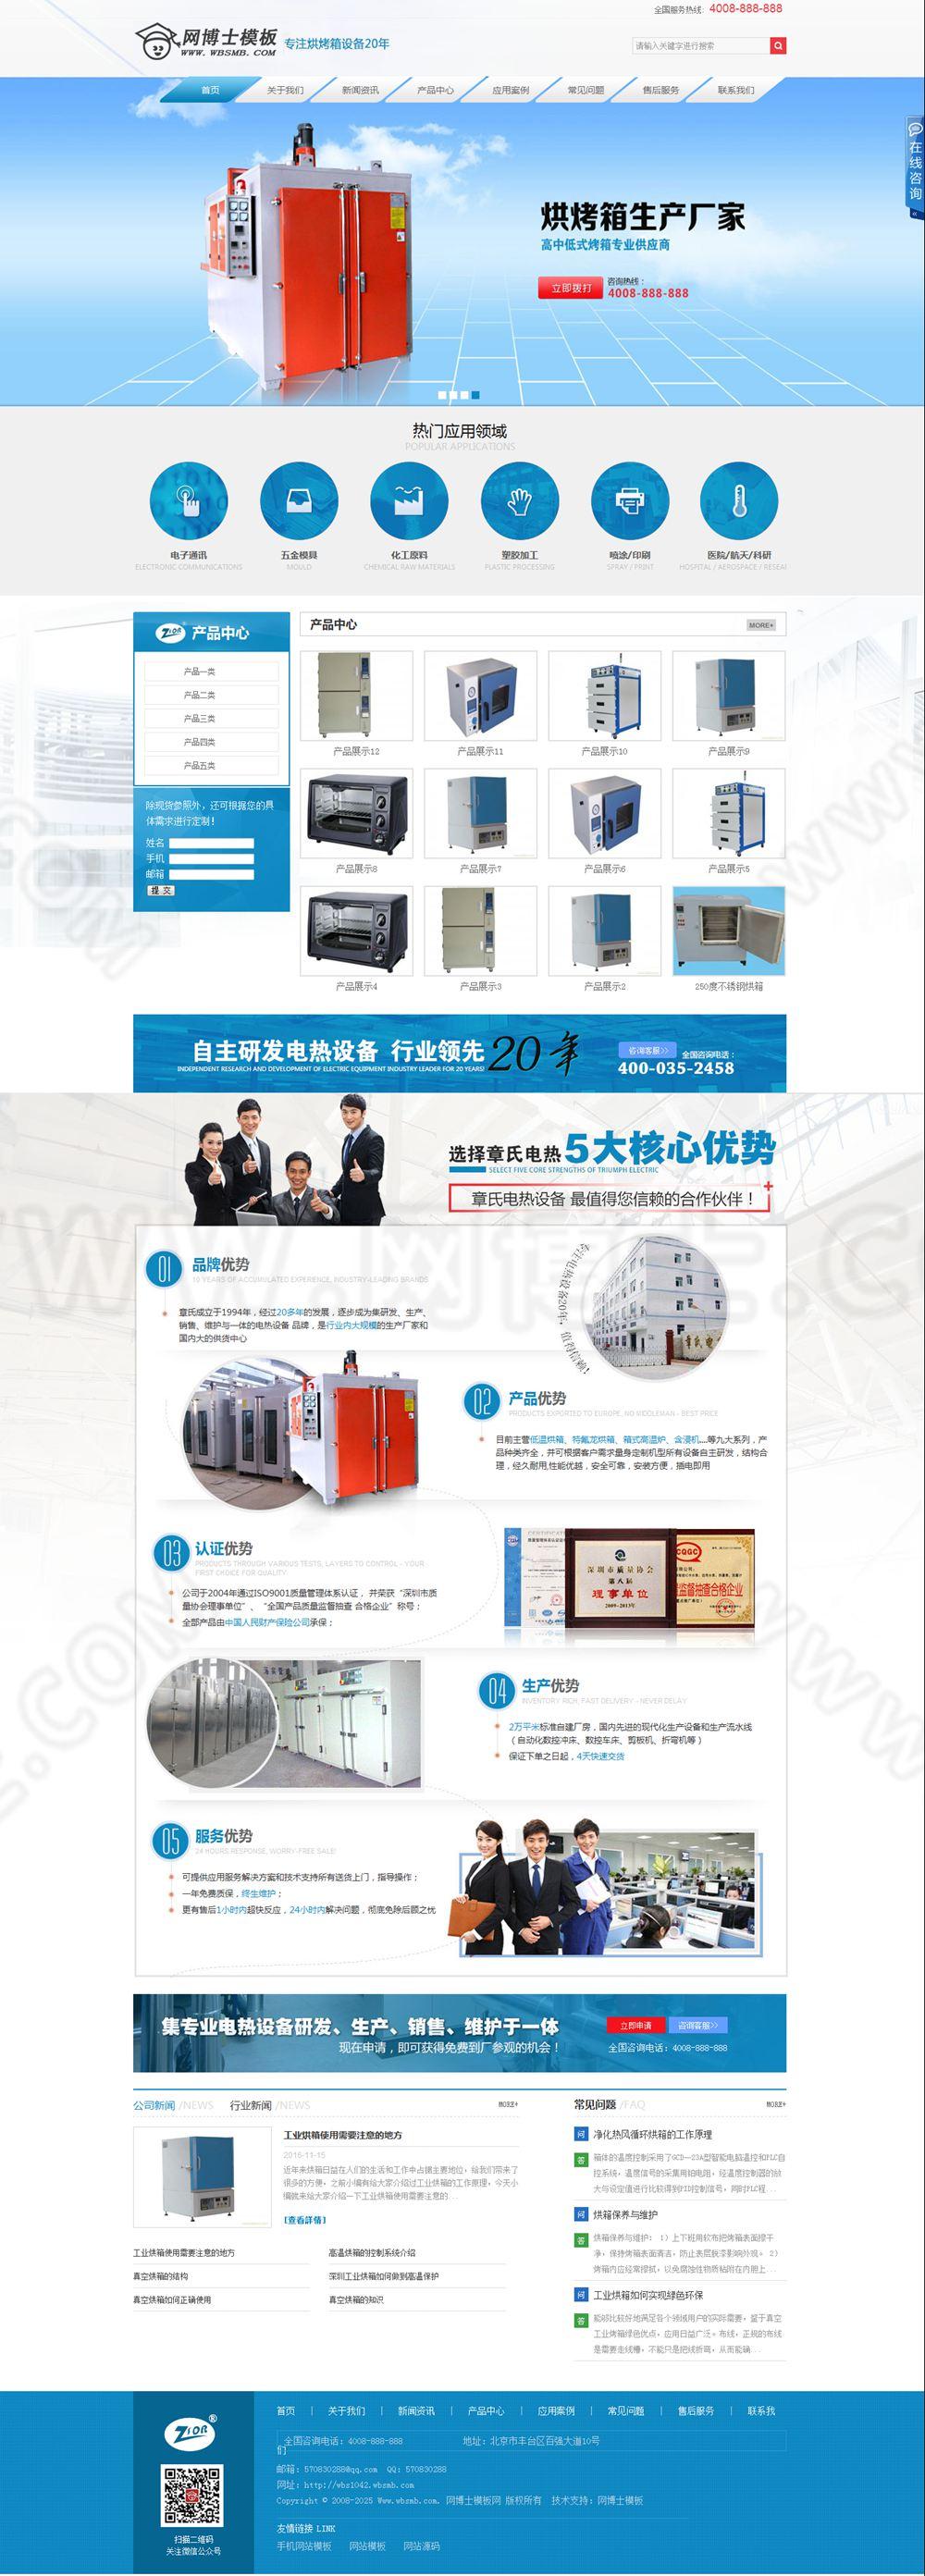 机械设备公司营销型销售类通用公司企业